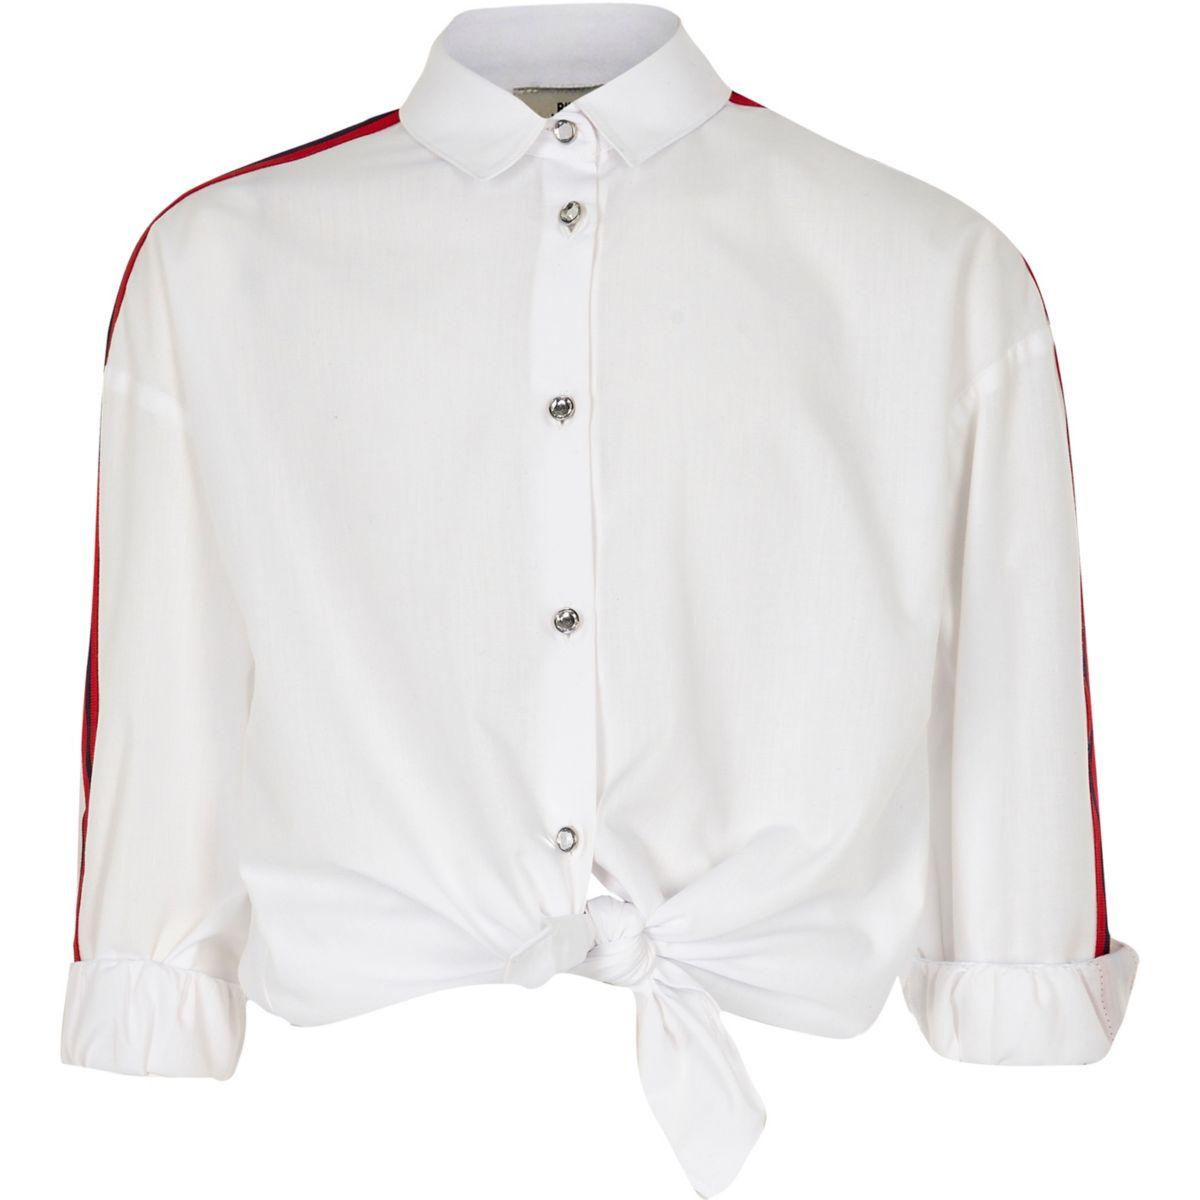 Girls white long sleeve side stripe shirt